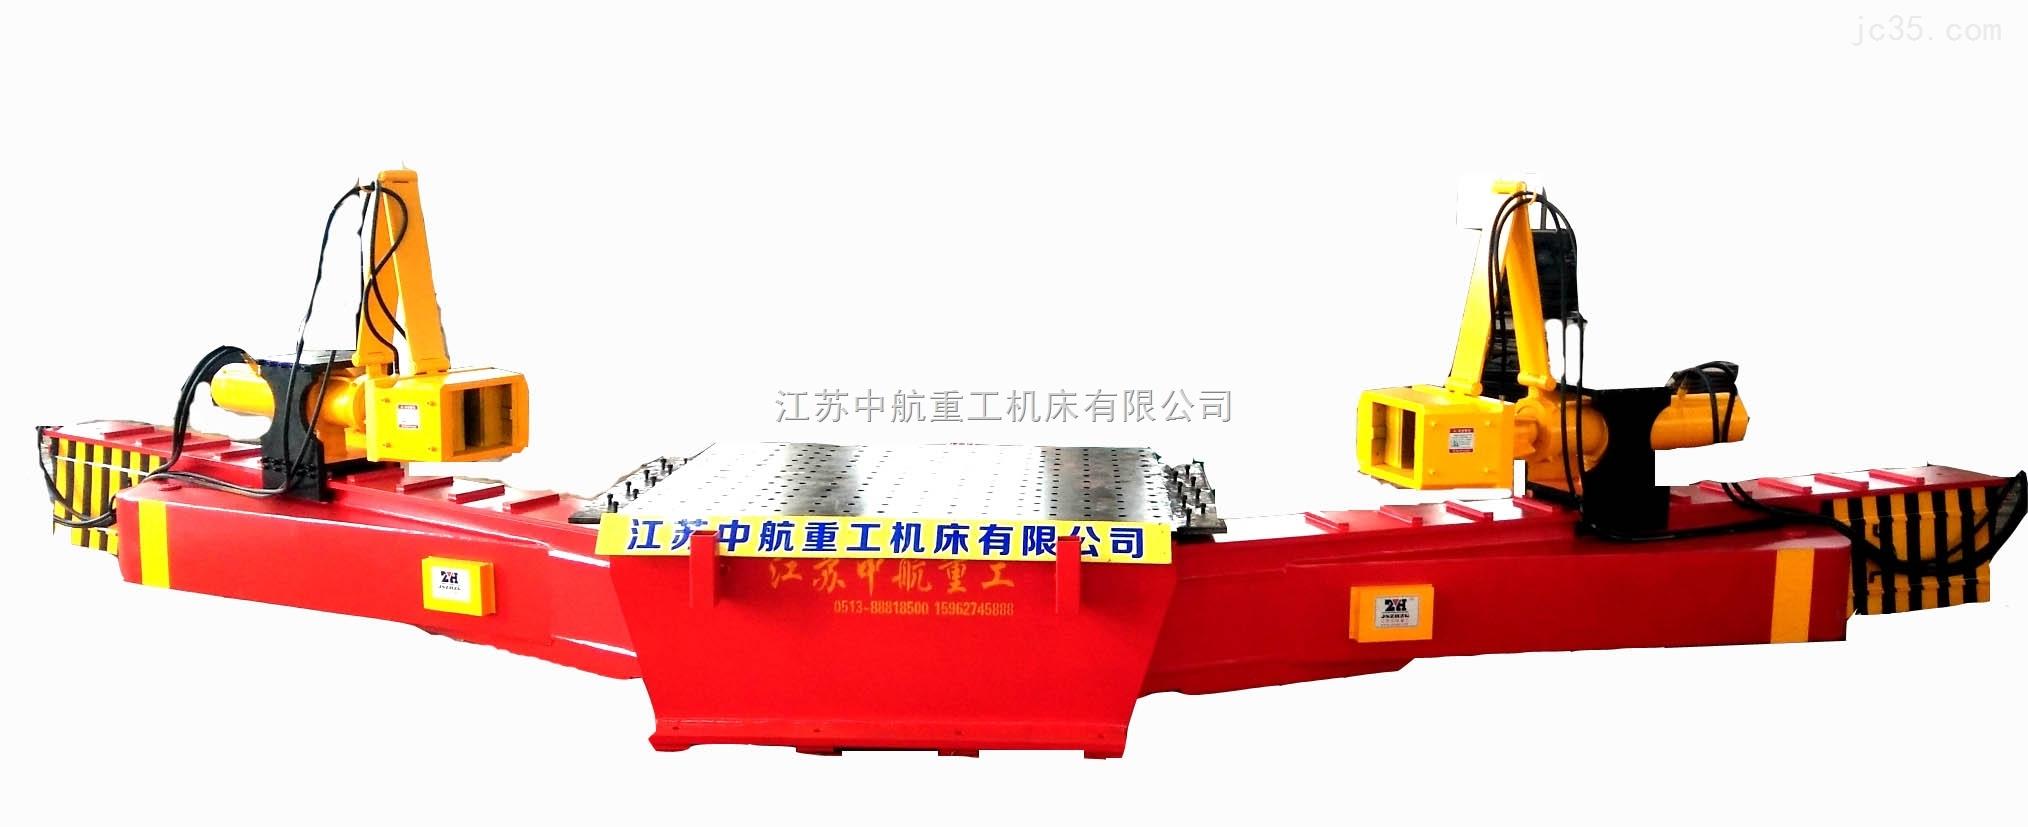 4-6-9米大型拉弯机